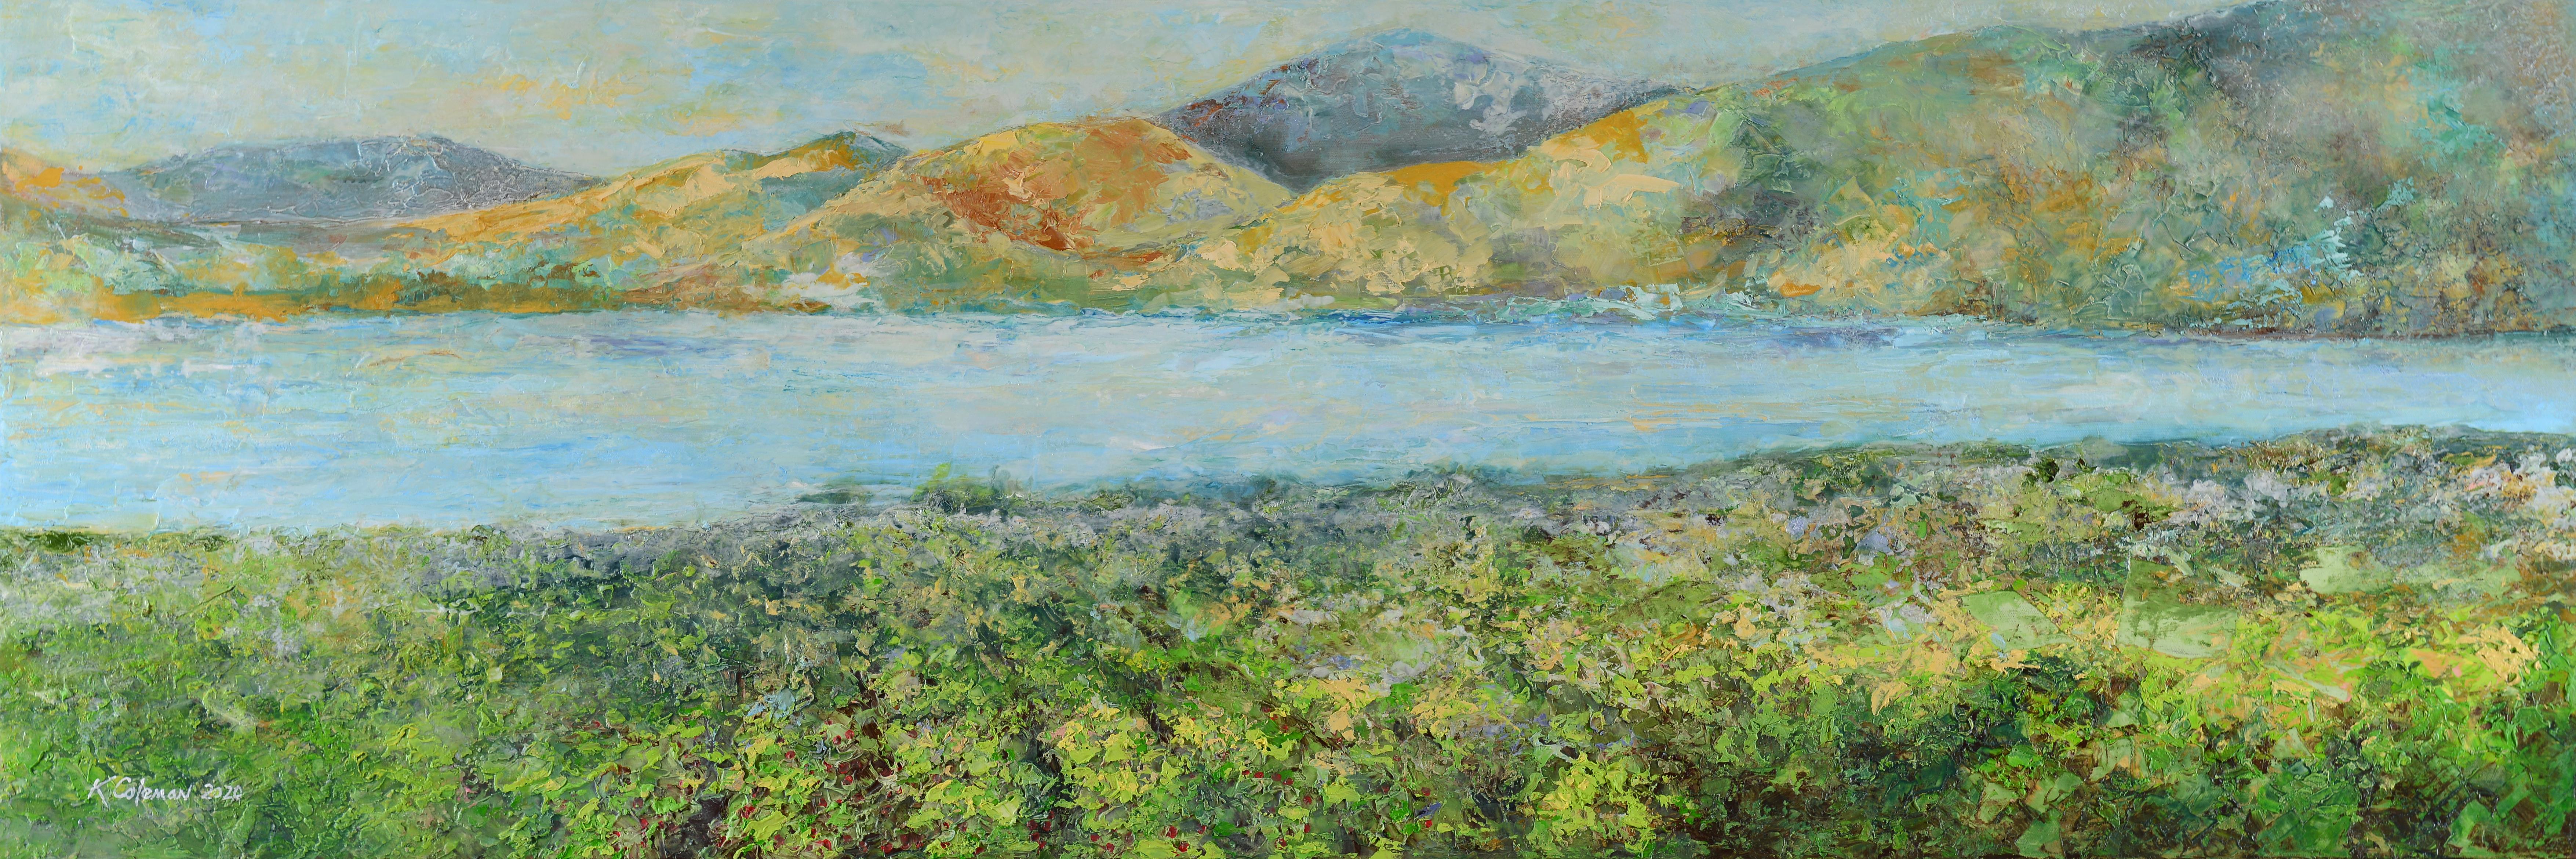 Lake Chelan by Kamron Coleman 30x10